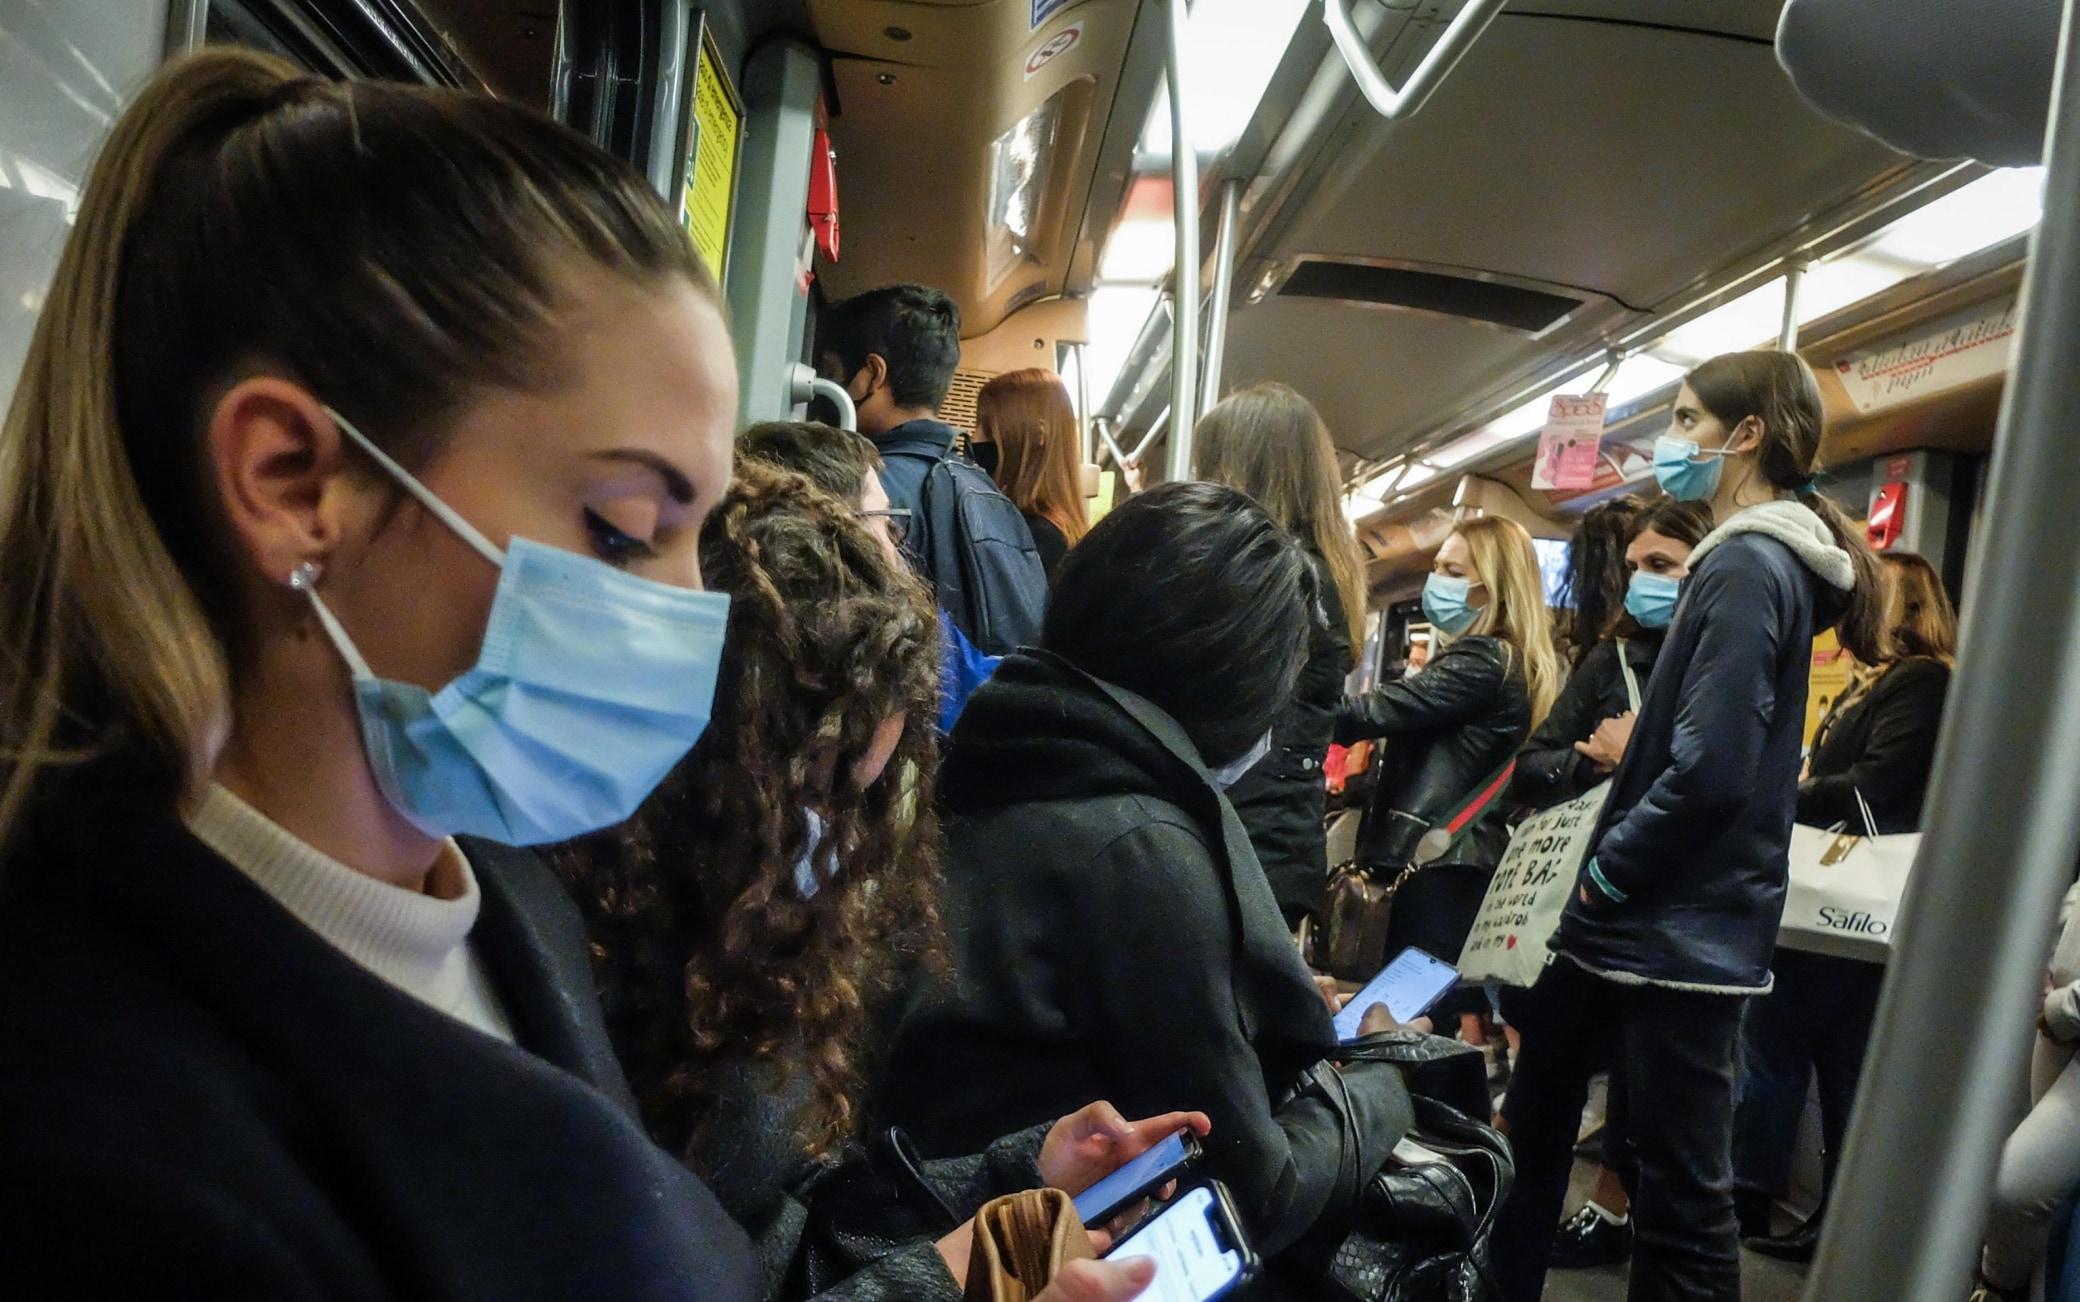 La linea gialla M3 della metro affollata a metà pomeriggio- Passeggeri sui mezzi pubblici a Milano in tempi dicivid e mascherine obbligatorie -  Milano 8 ottobre 2020  Ansa/Matteo Corner